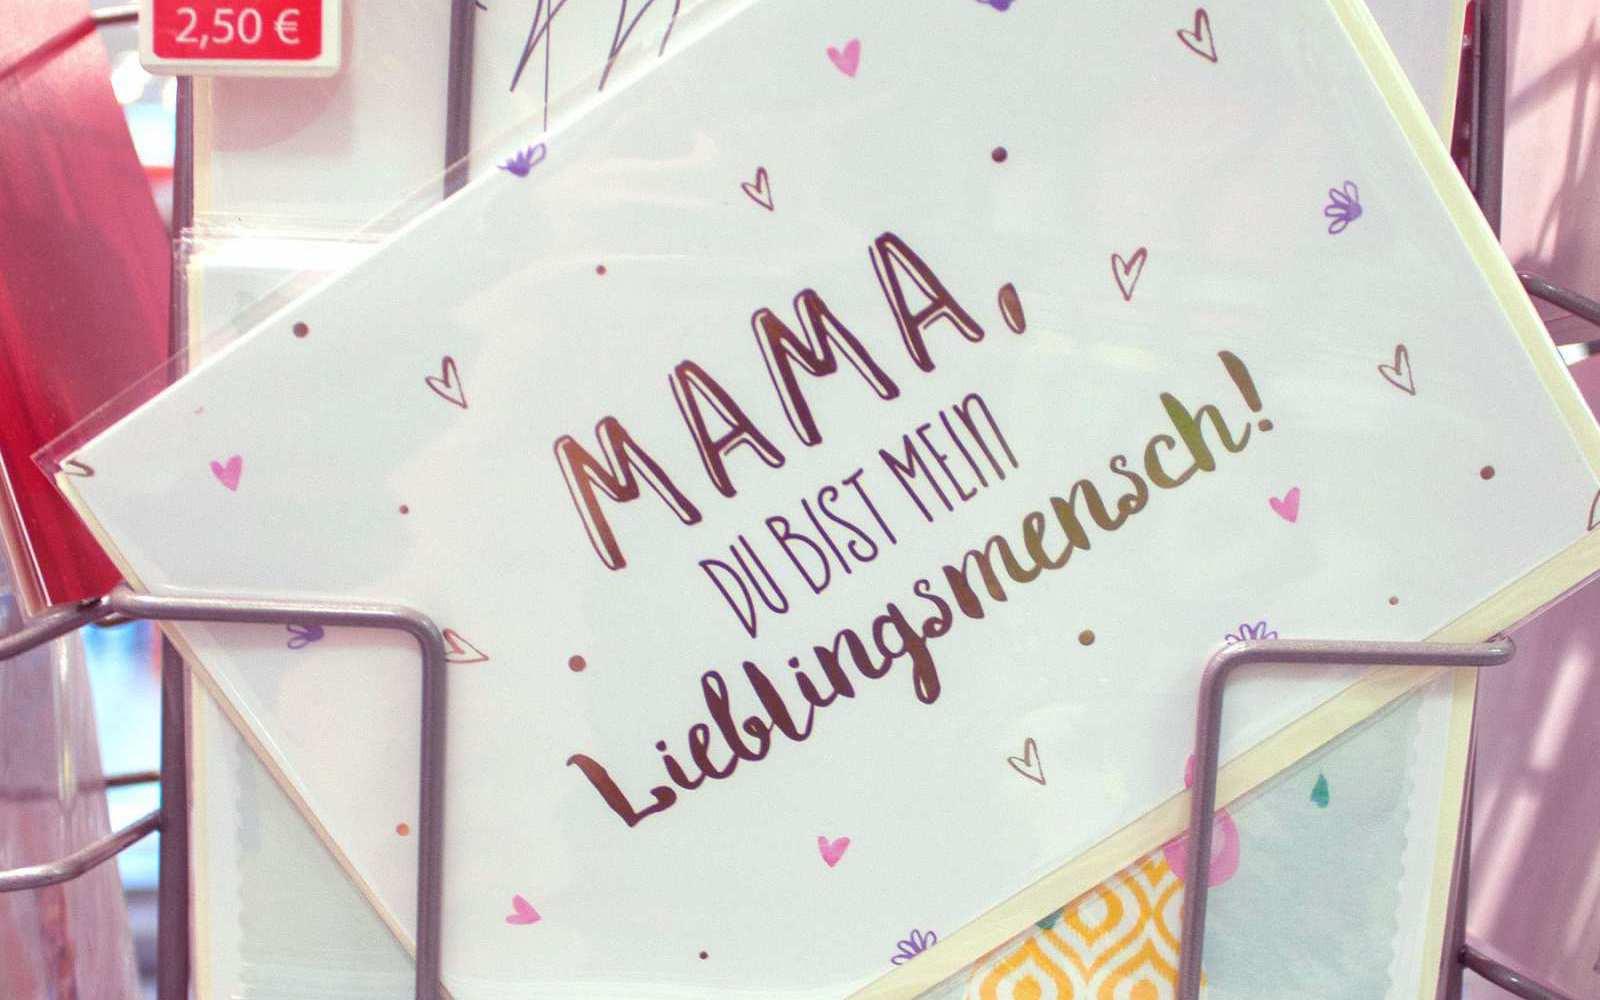 Die Karte von MÜLLER drückt aus, was unsere Mama für uns ist: Der Lieblingsmensch!